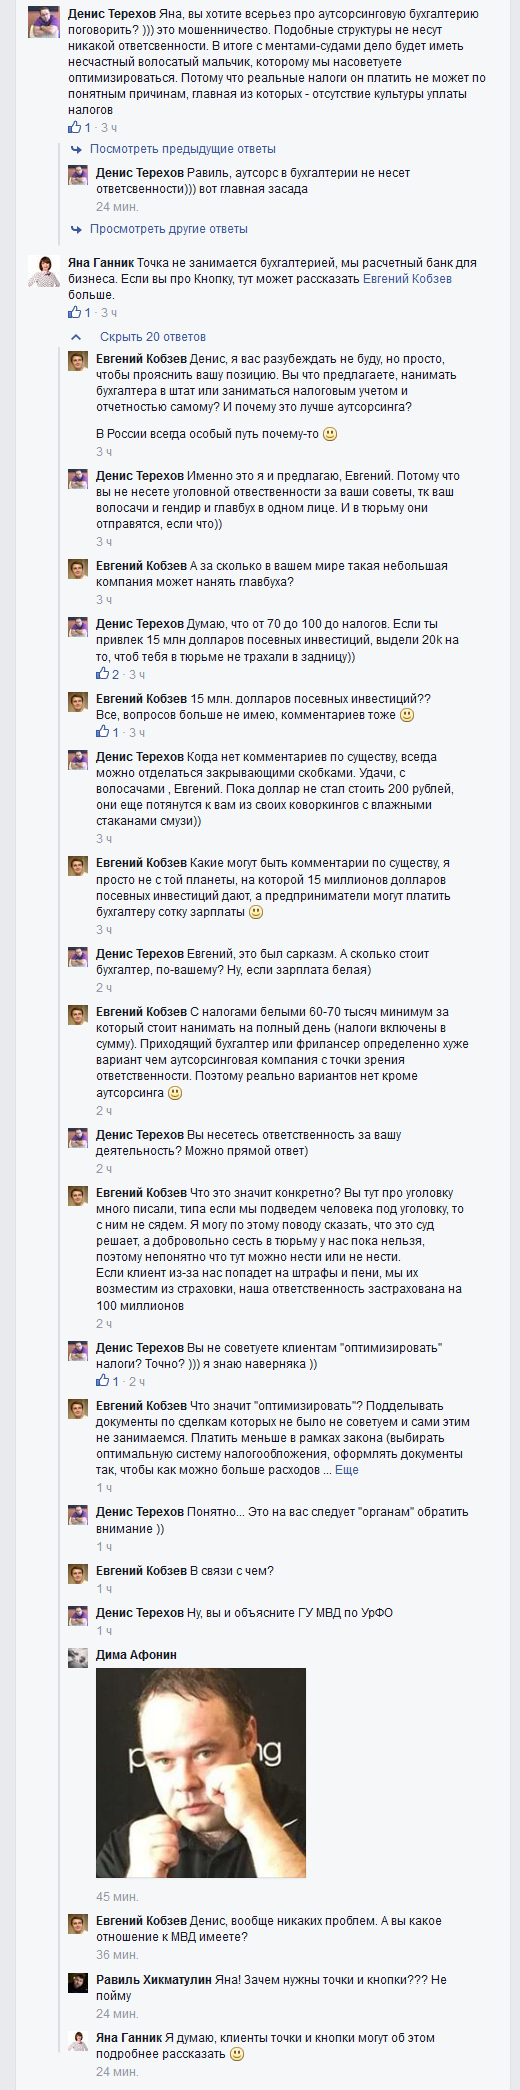 Кобзев Терехов